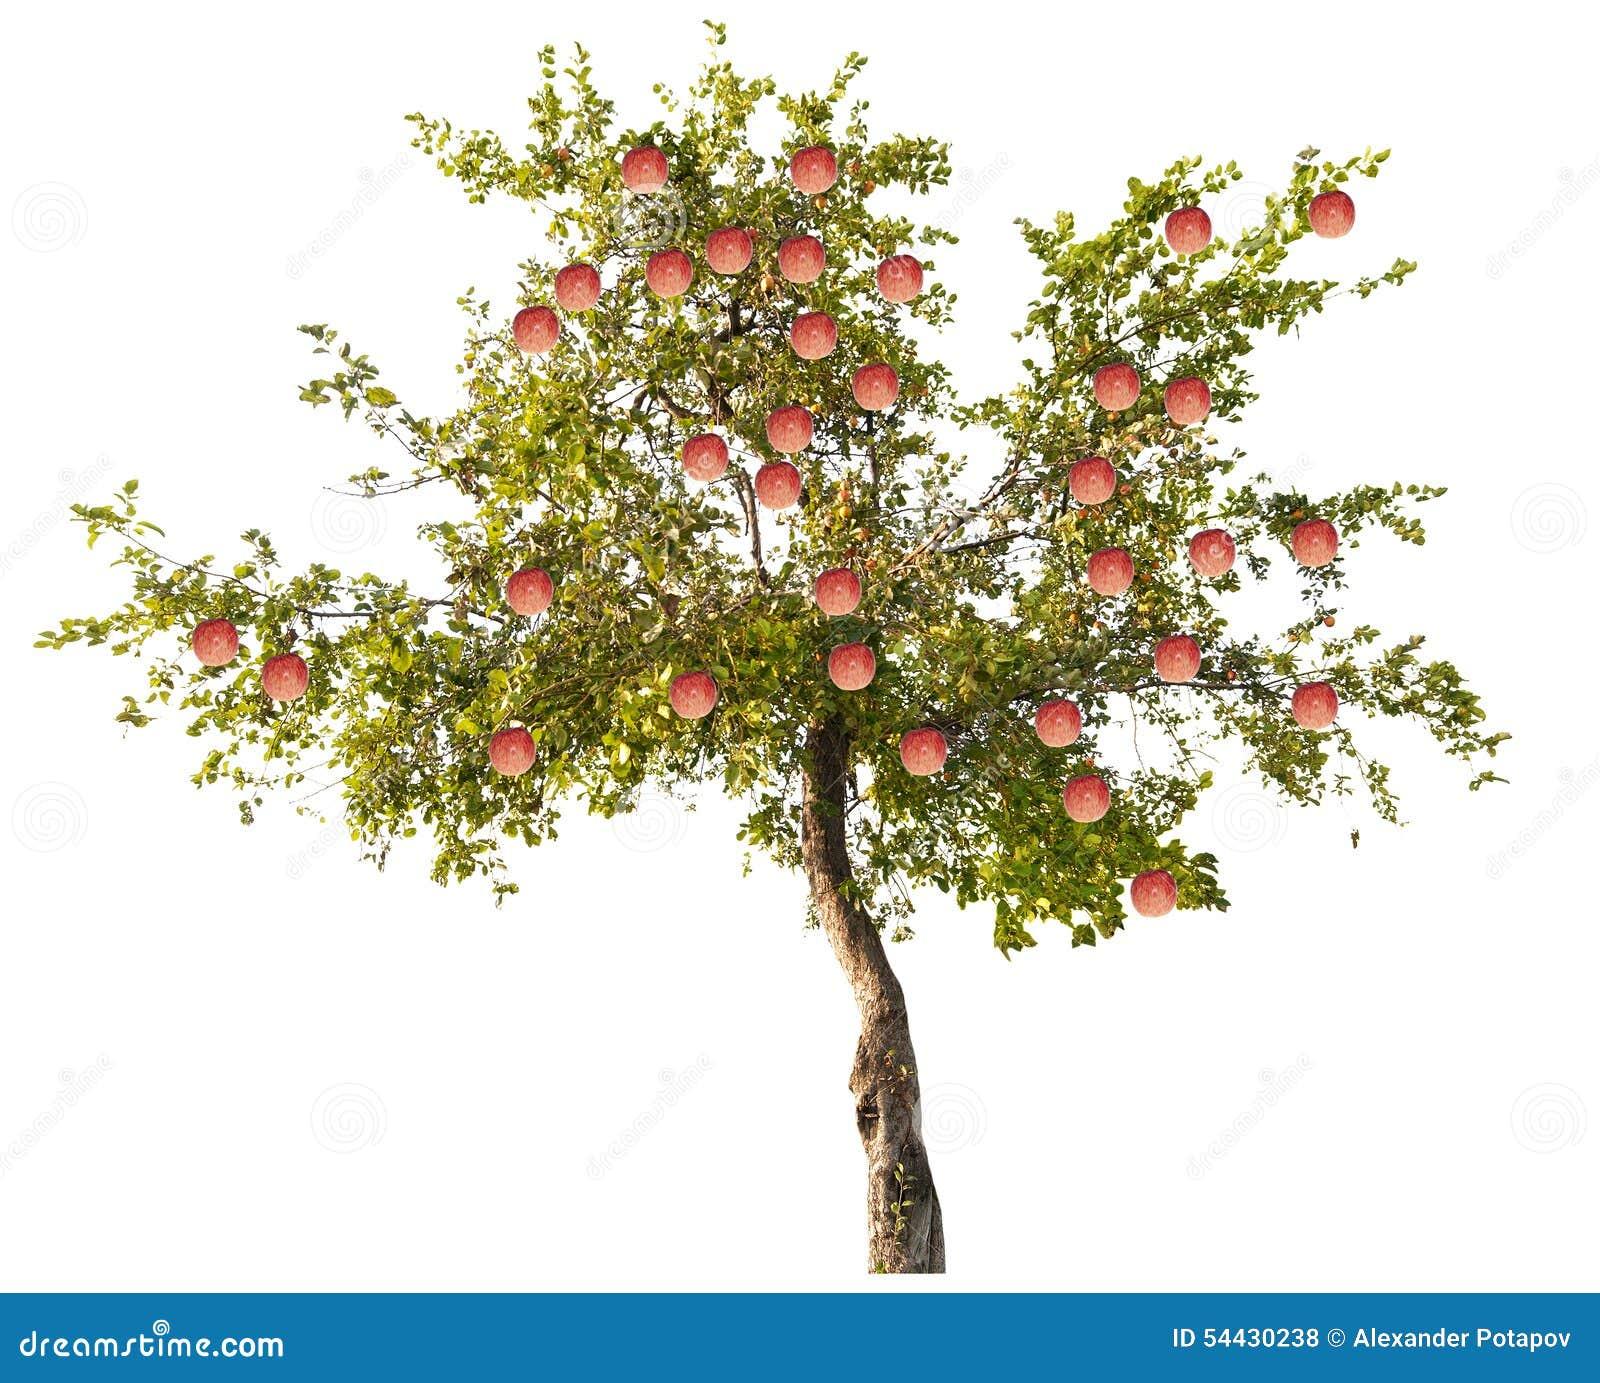 apfelbaum mit gro en rosa fr chten auf wei stockfoto bild 54430238. Black Bedroom Furniture Sets. Home Design Ideas